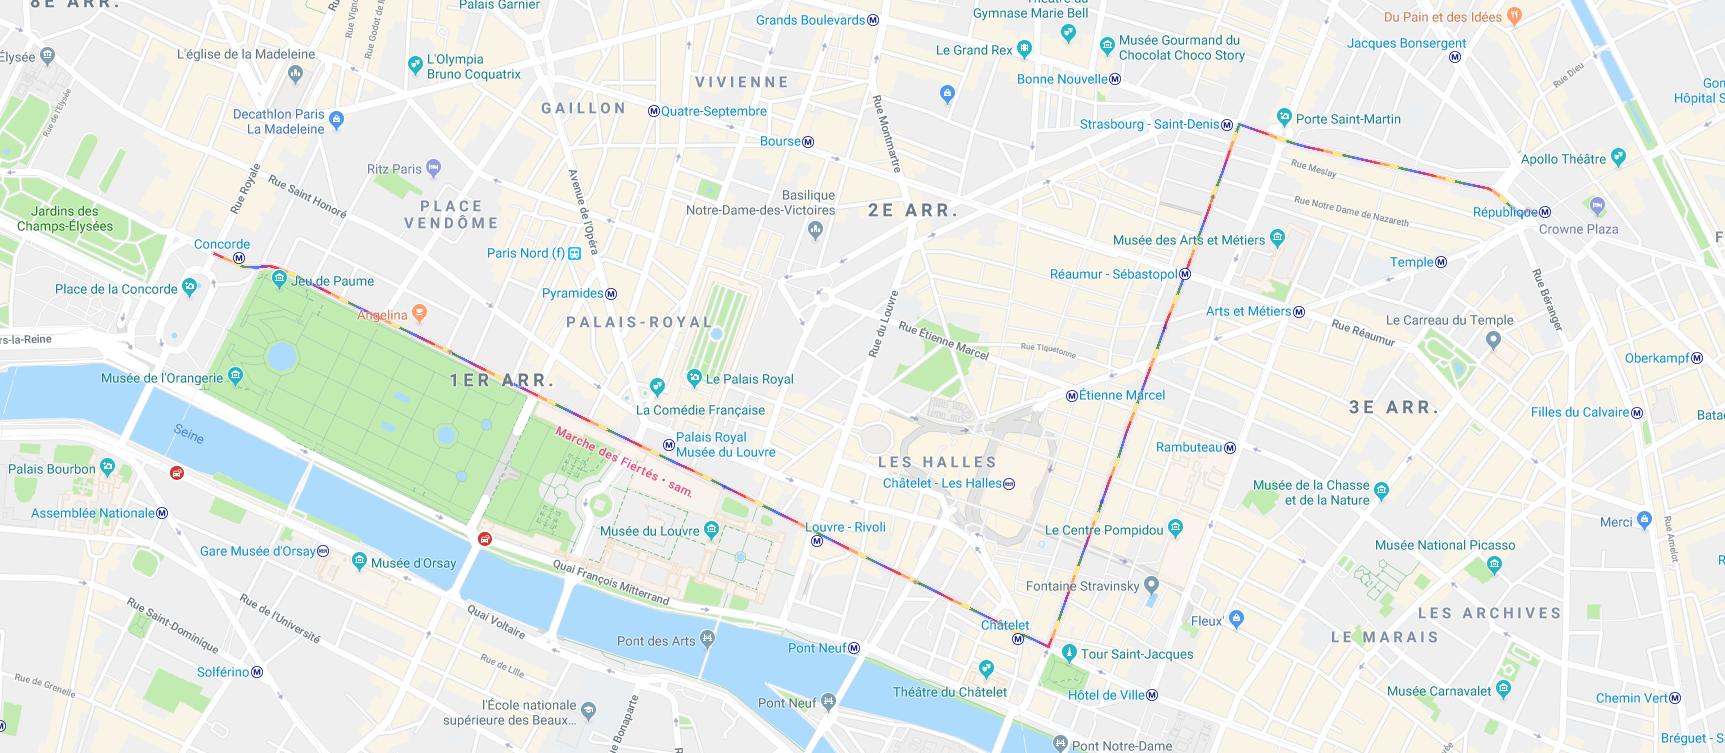 Google Maps affiche le parcours de la Marche des fiertés à ...